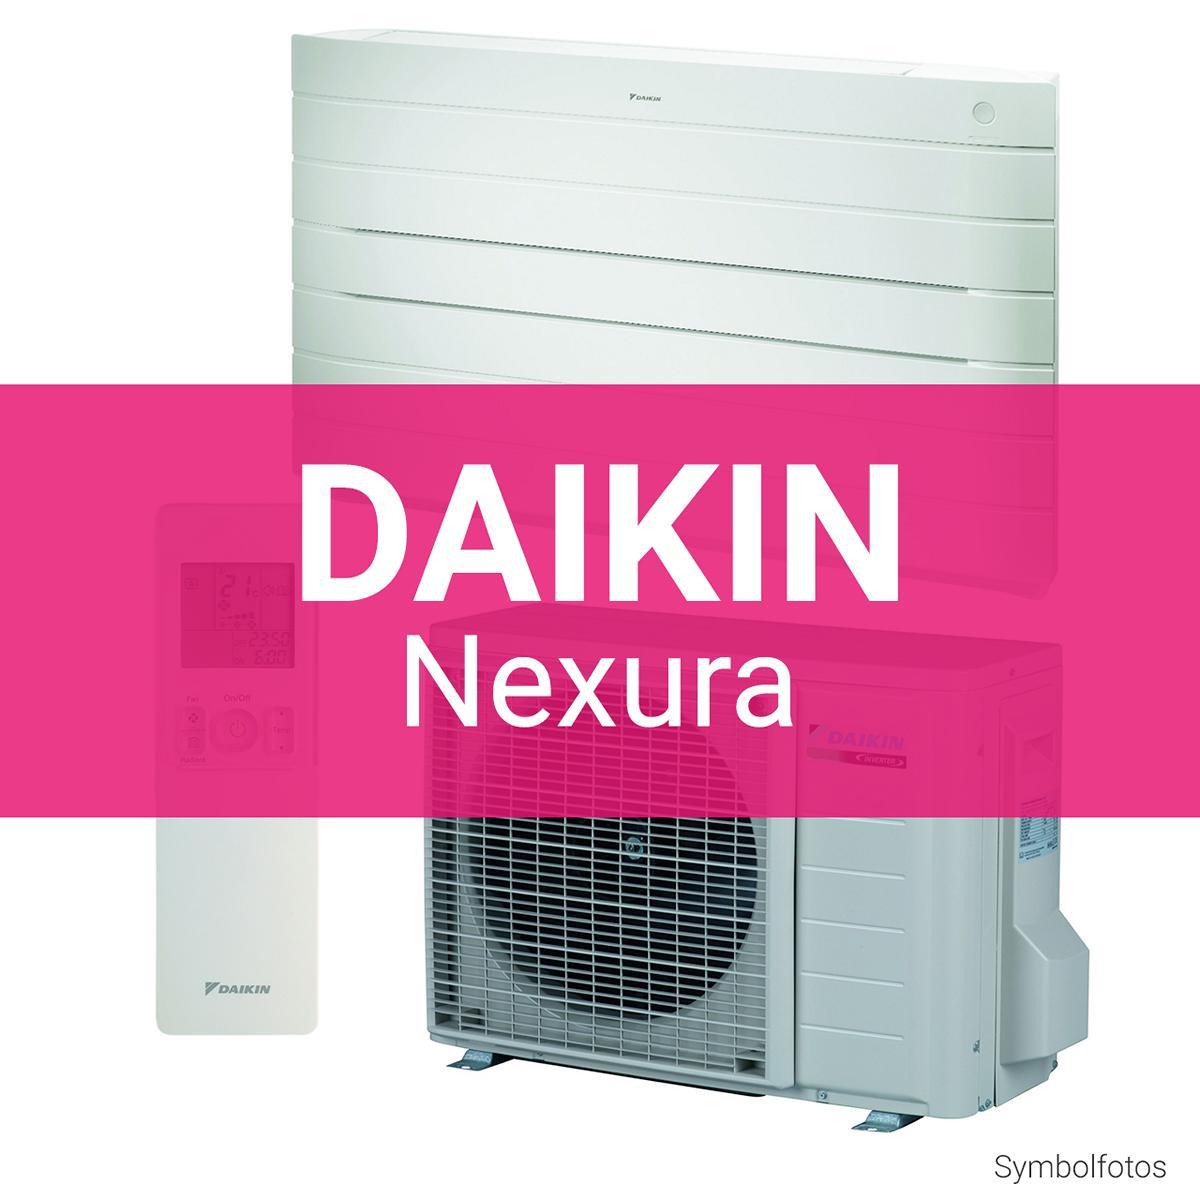 Daikin Nexura R410A